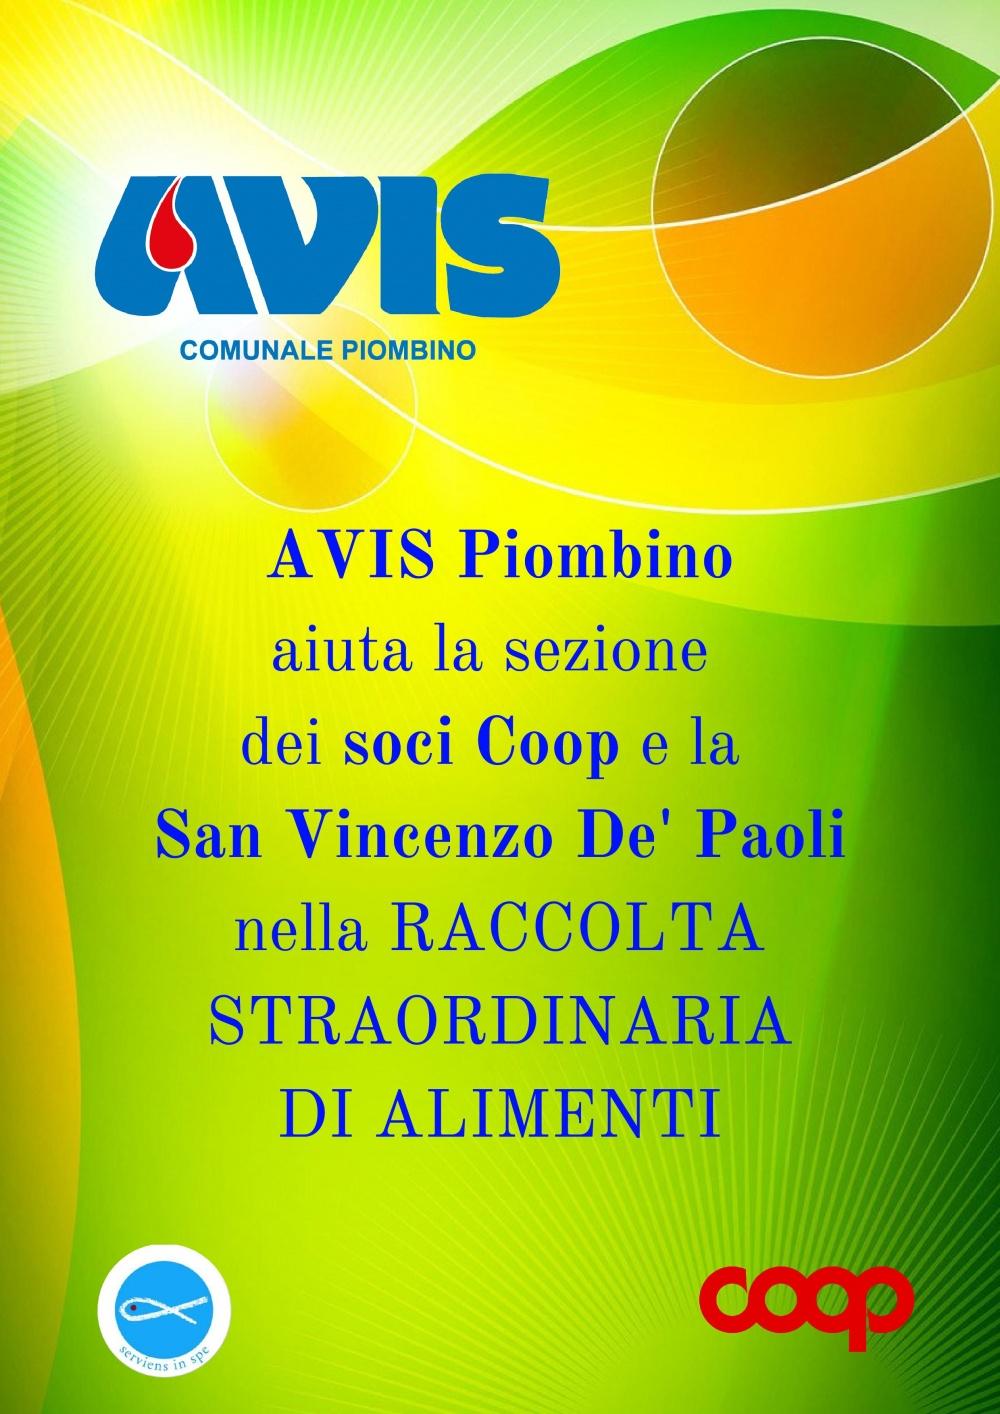 Sabato 13 ottobre AVIS Piombino aiuta la sezione dei soci Coop e la San Vincenzo De´ Paoli nella raccolta straordinaria di alimenti!